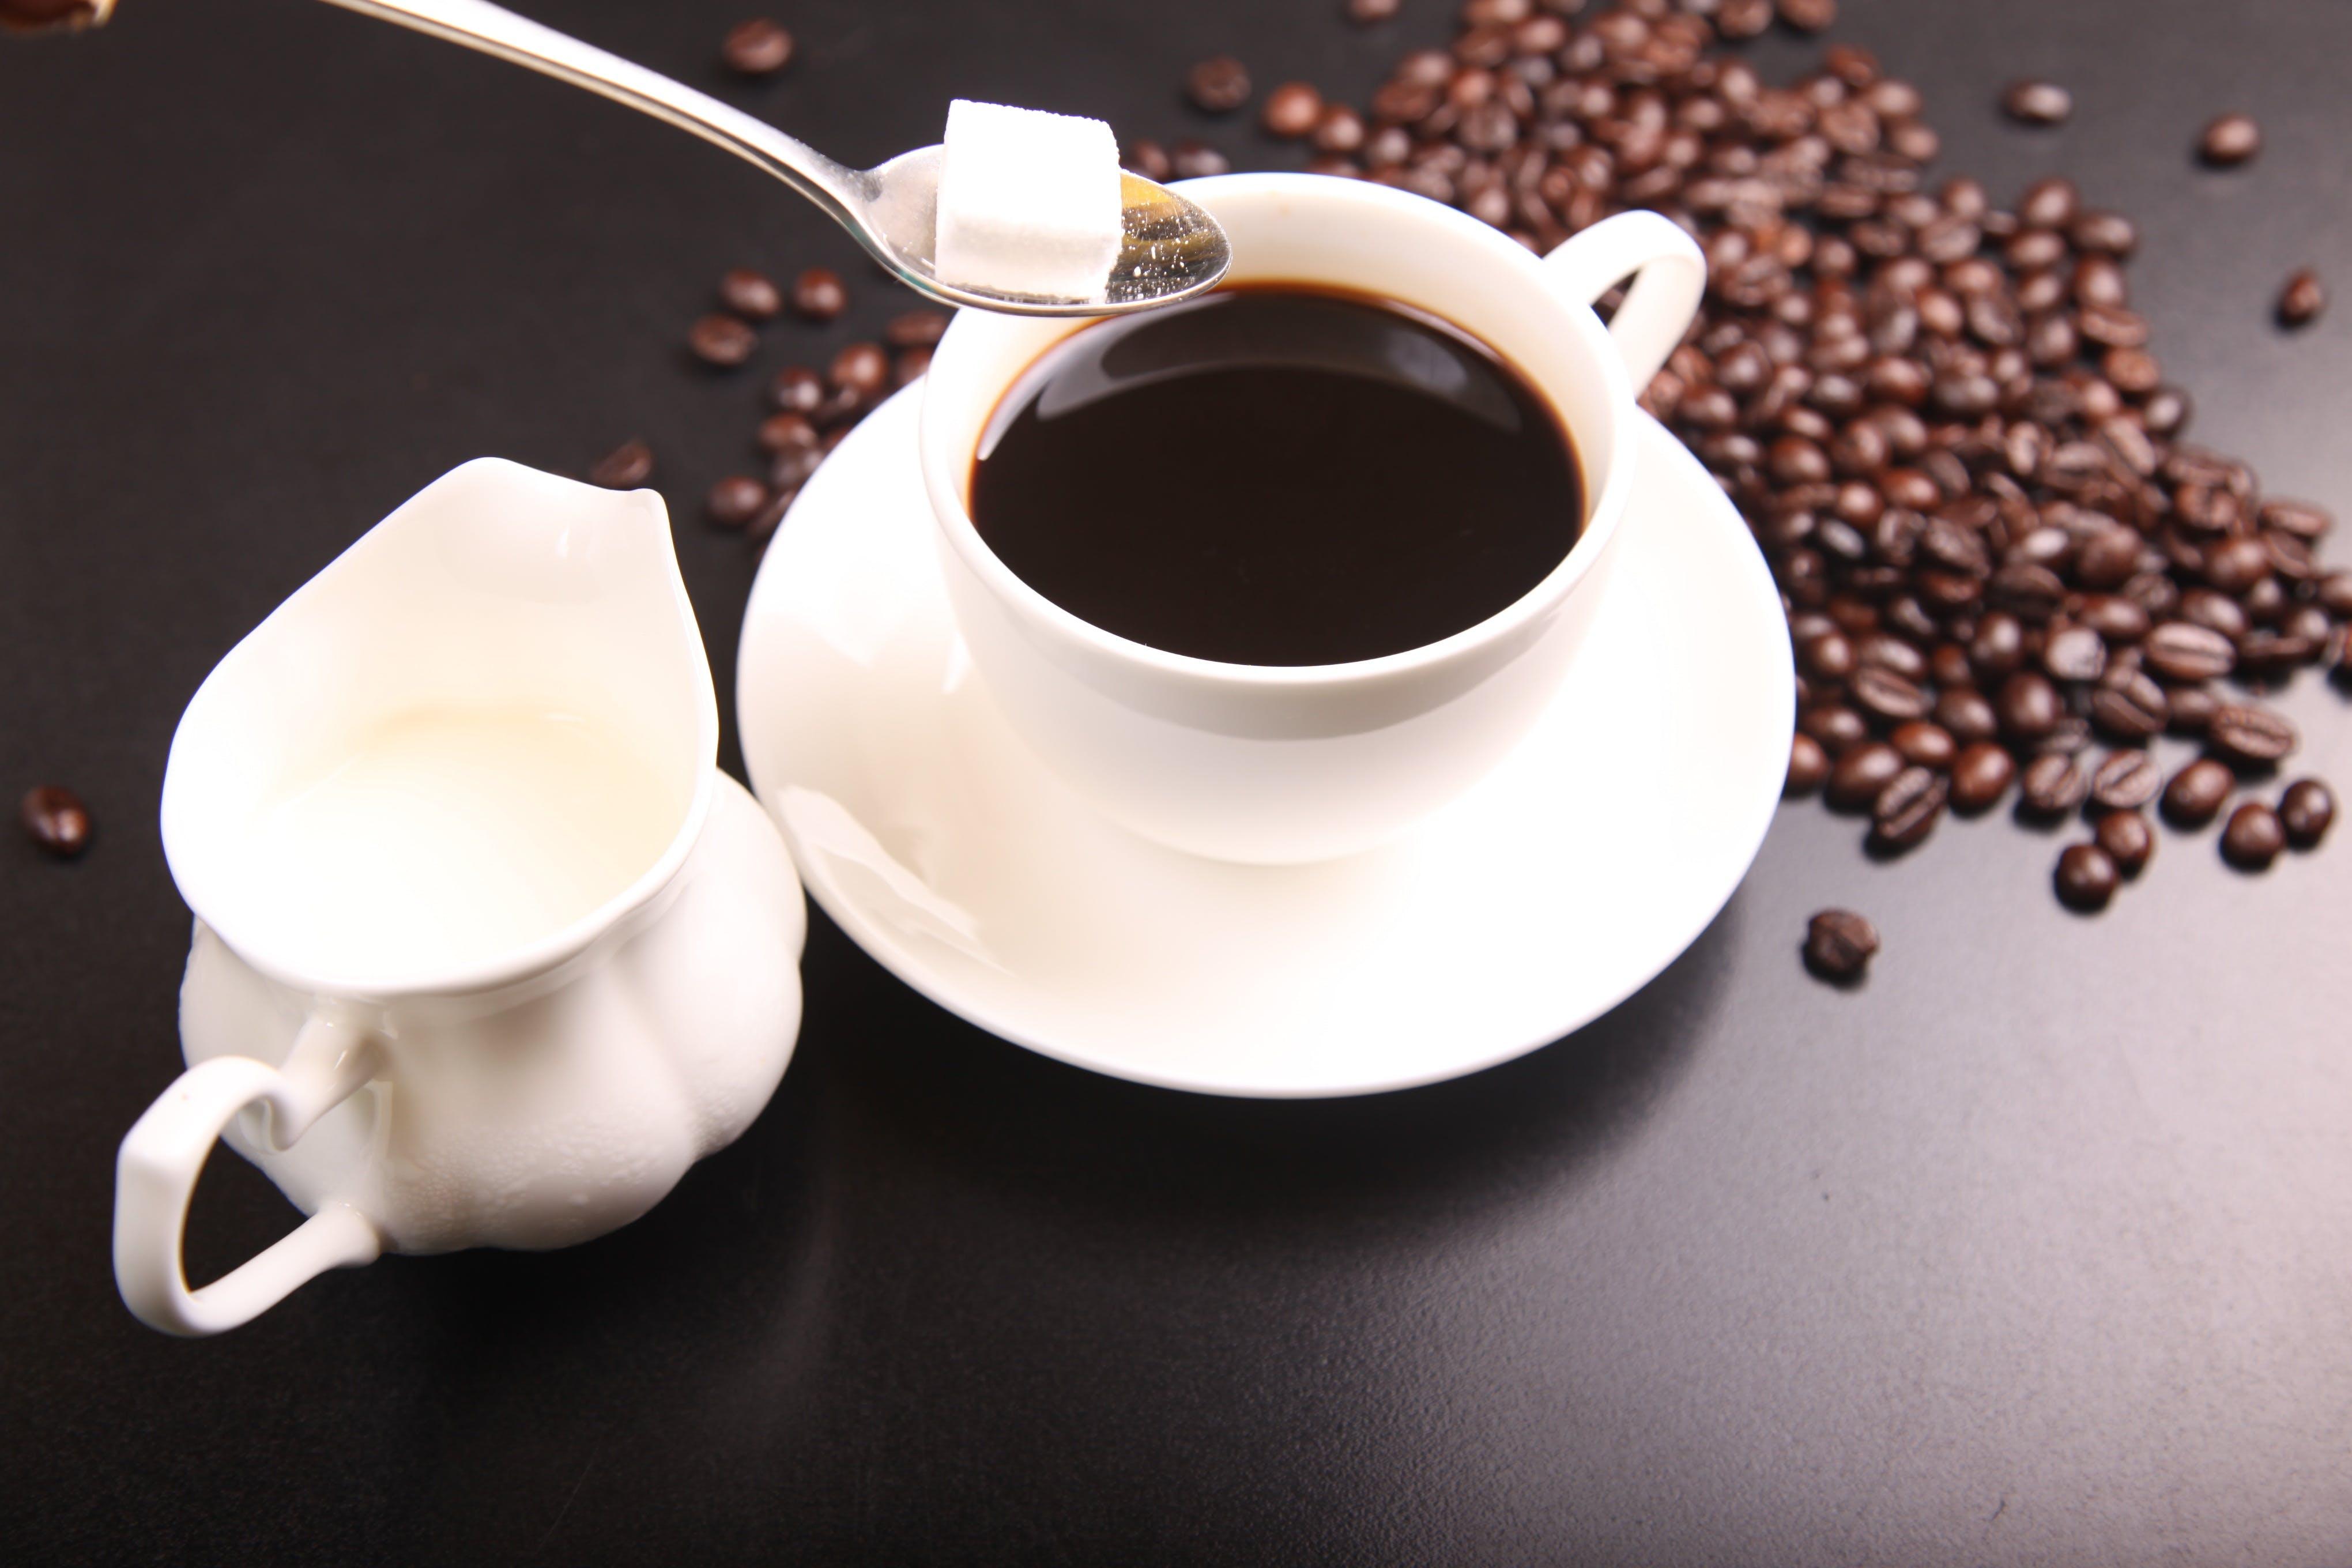 Gratis arkivbilde med kaffe, kaffebønner, koffein, restaurant